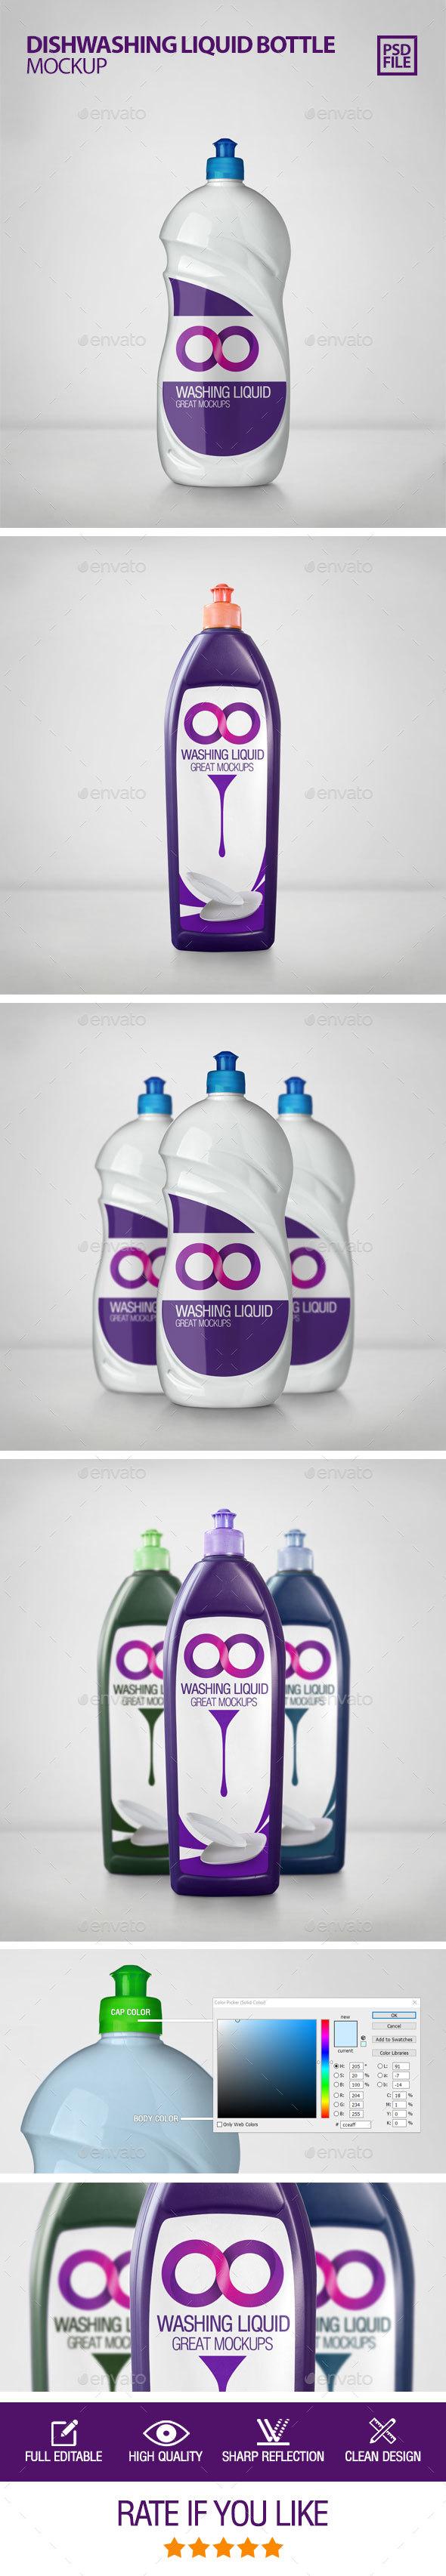 Dishwashing Liquid Bottle Mockup - Product Mock-Ups Graphics